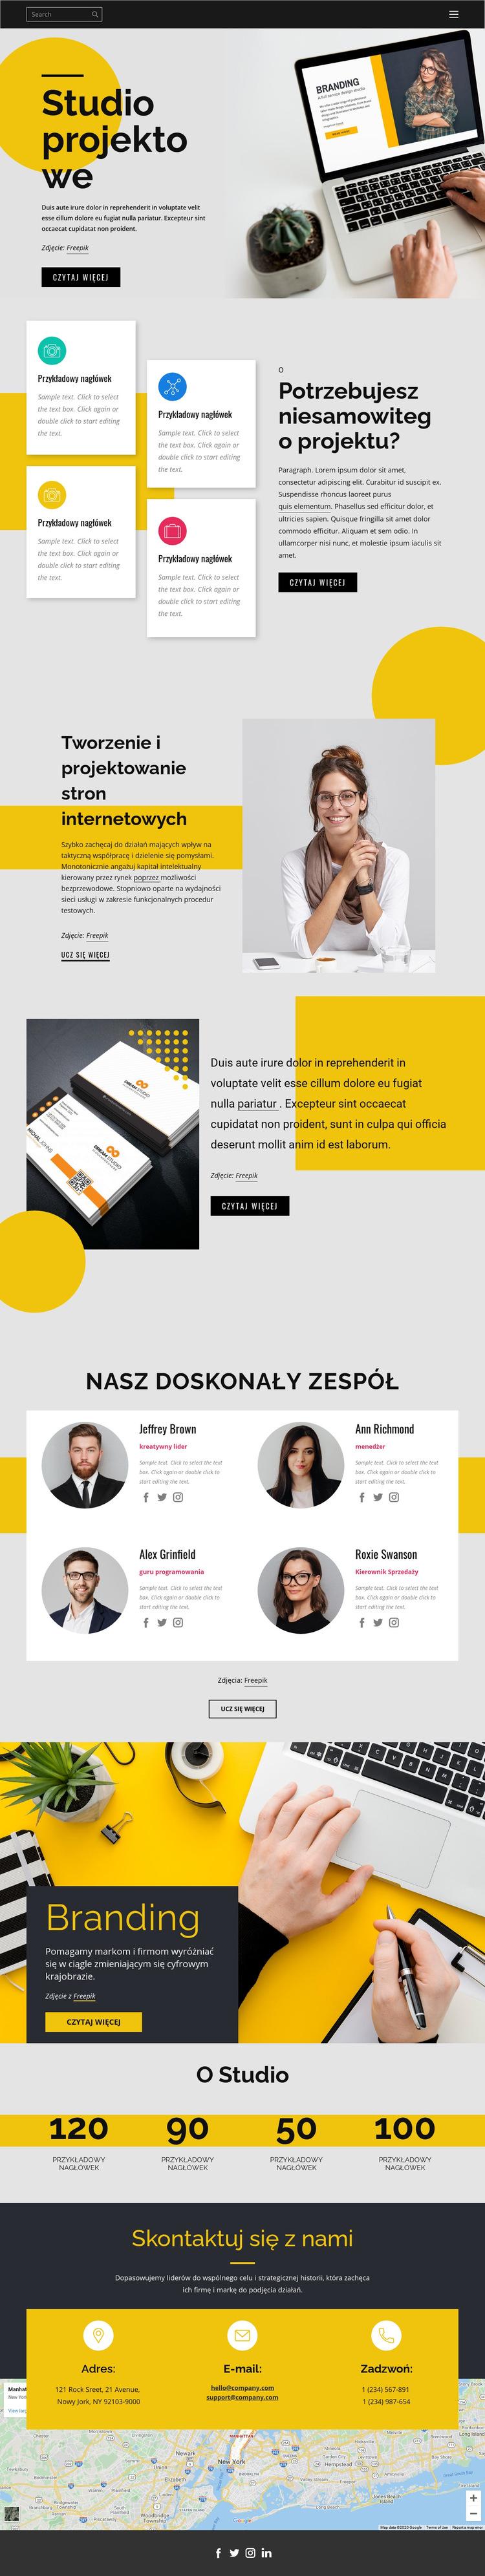 Projektowanie marki, druku i stron internetowych Szablon witryny sieci Web